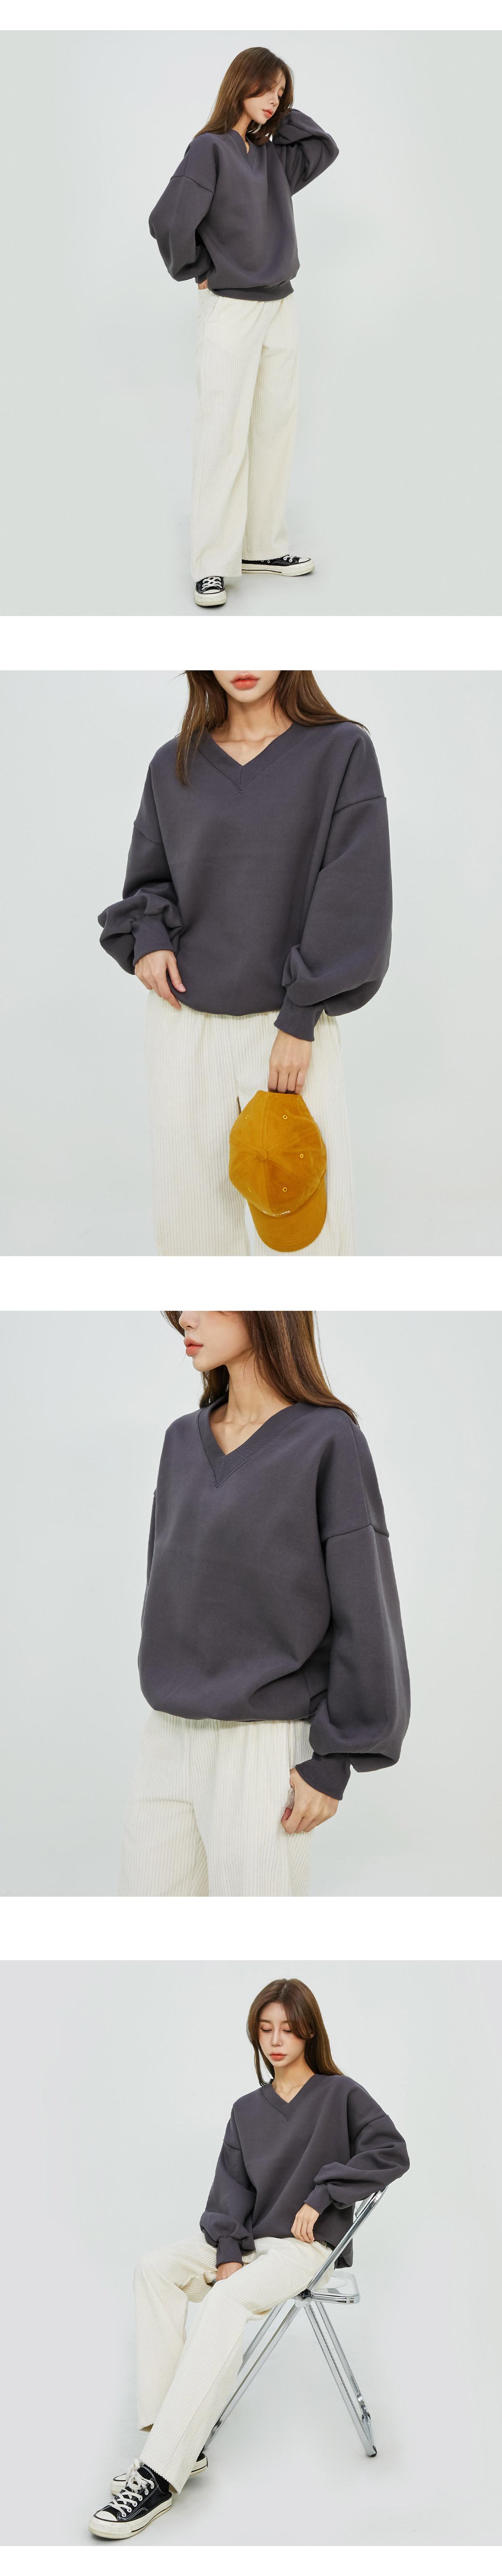 Bottle v neck Fleece-lined mtm